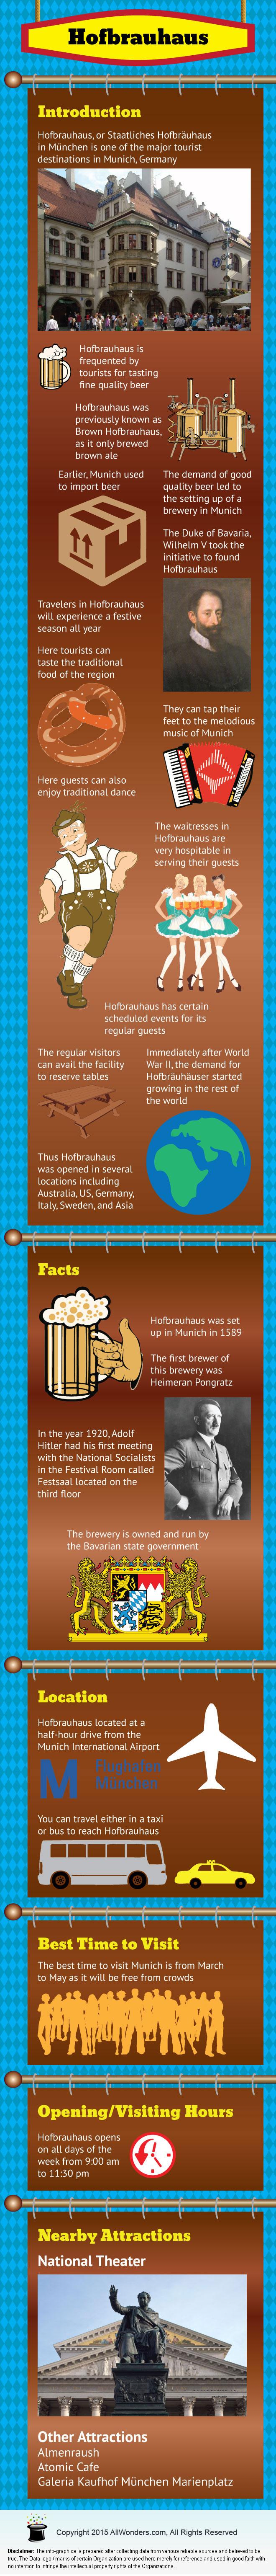 Hofbrauhaus Infographic